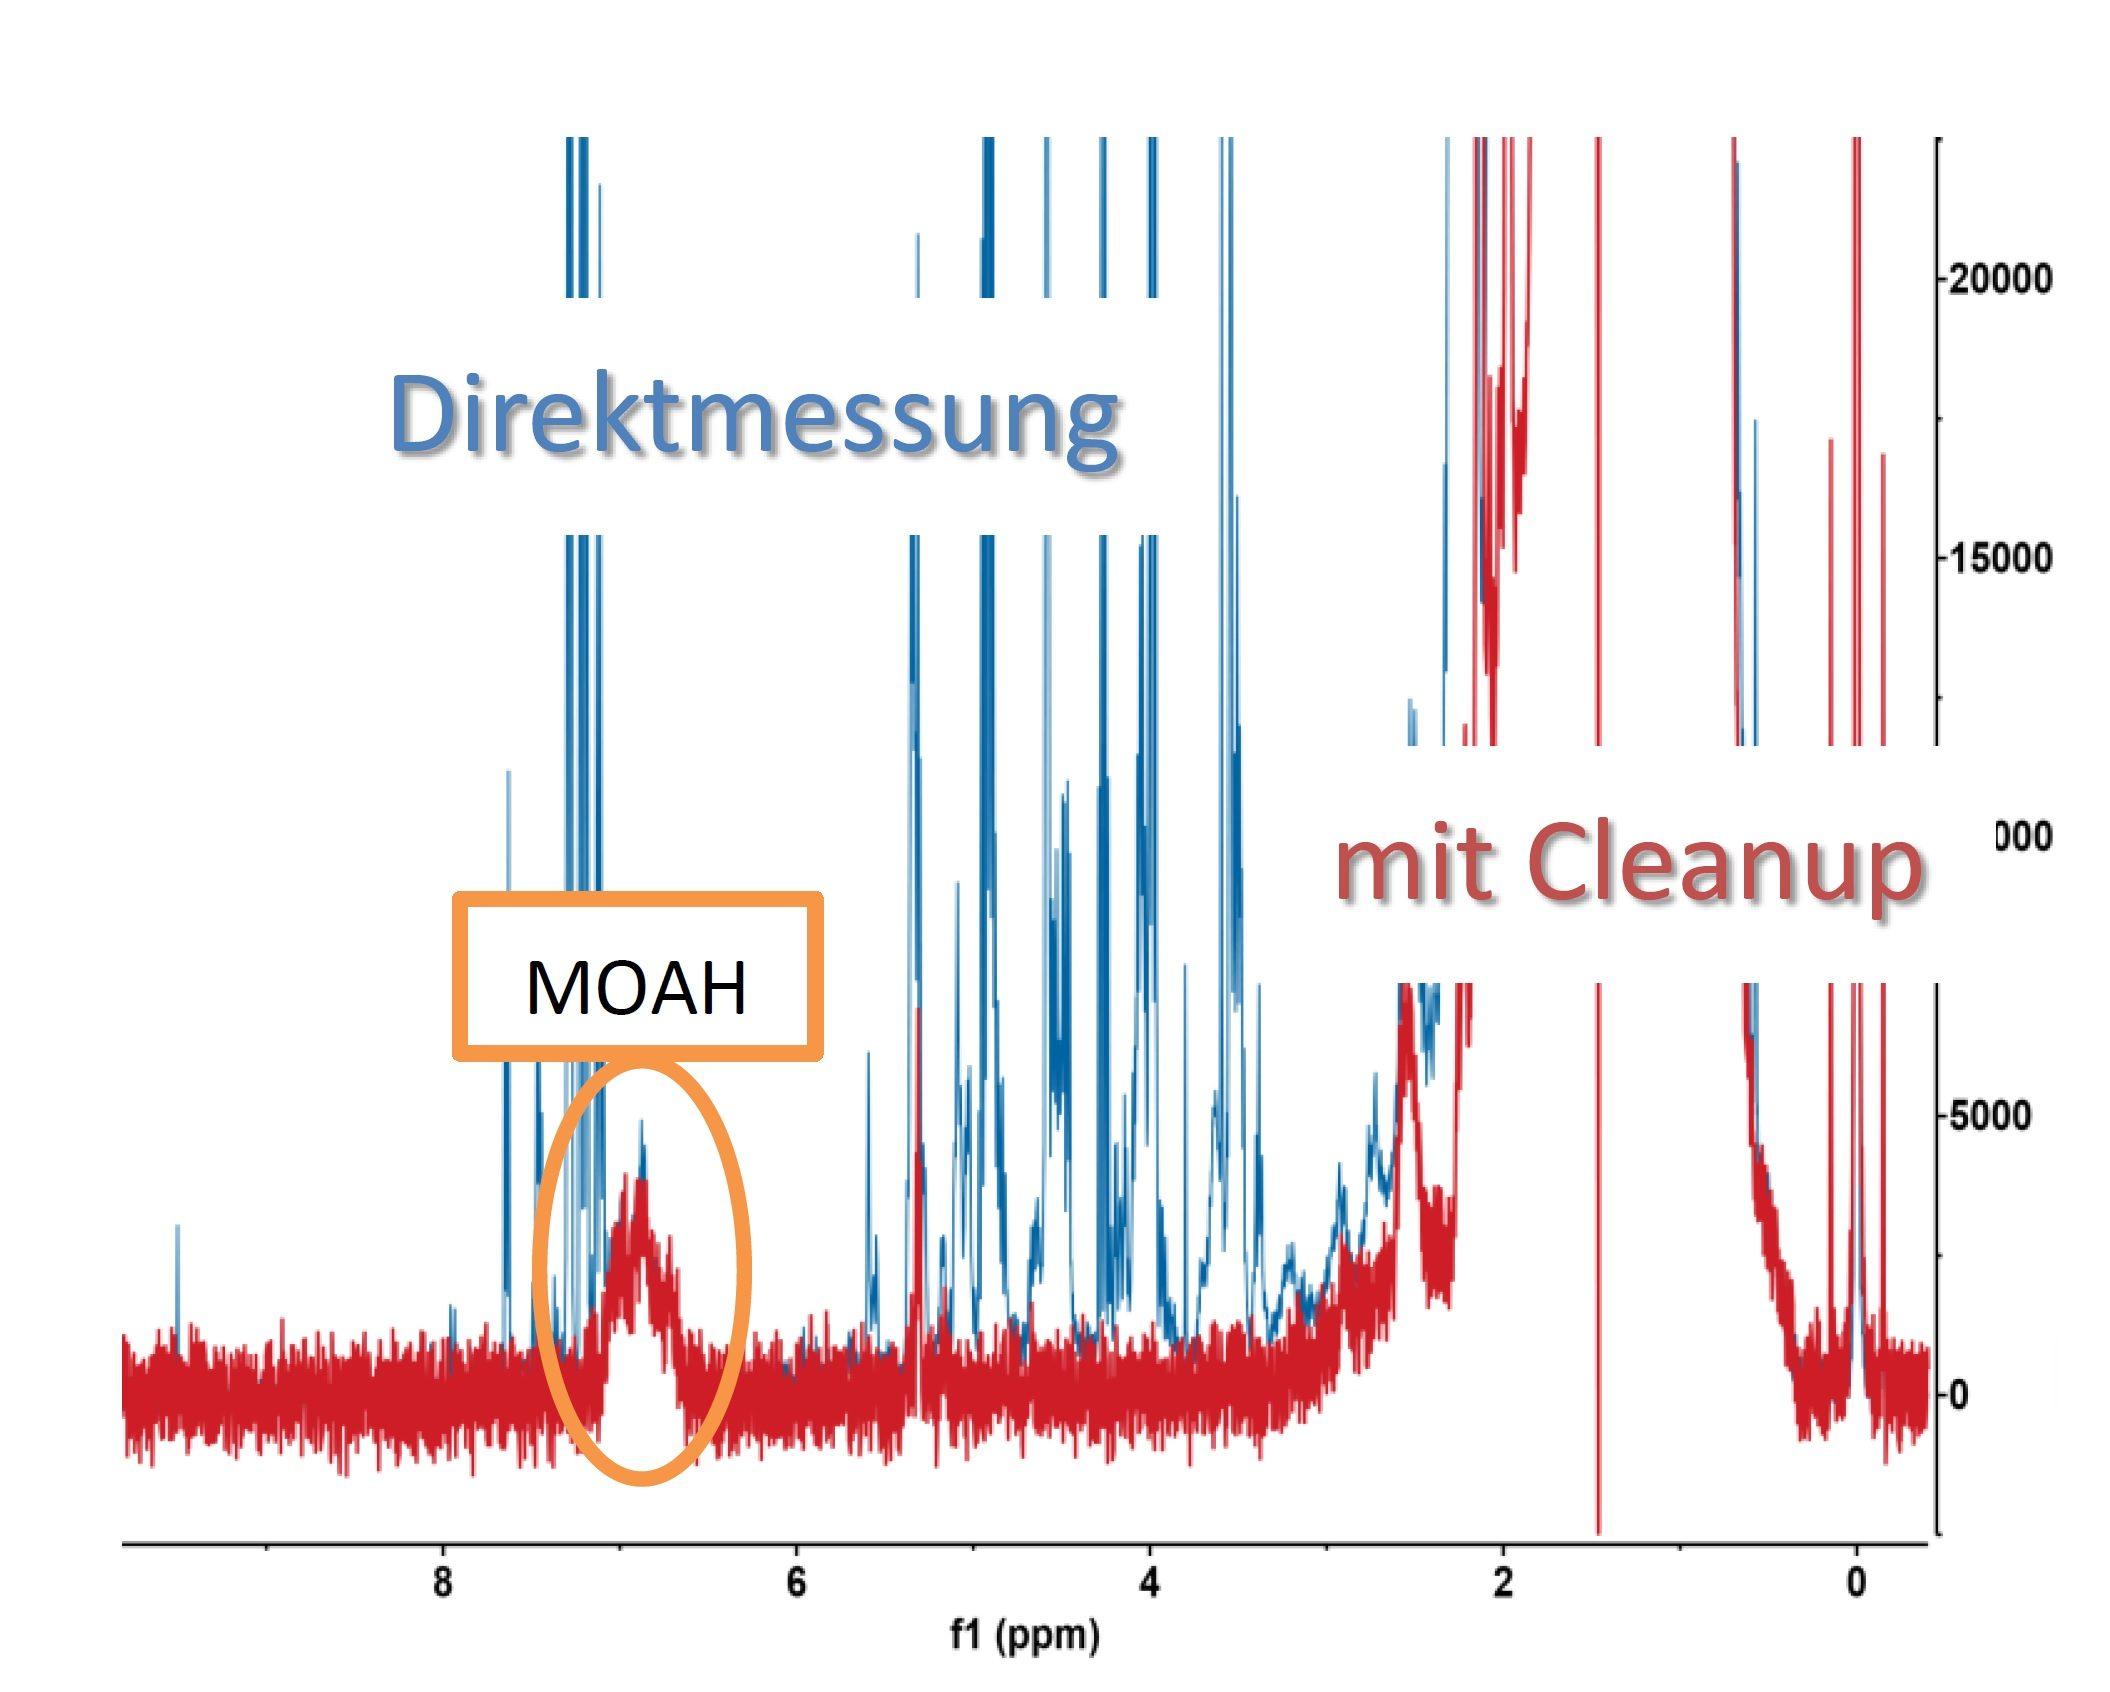 1H-NMR-Spektren eines Lippenprodukts vor dem Cleanup (rotes Spektrum) und nach dem Cleanup (blaues Spektrum). Im blauen Spektrum fehlen Störsignale.